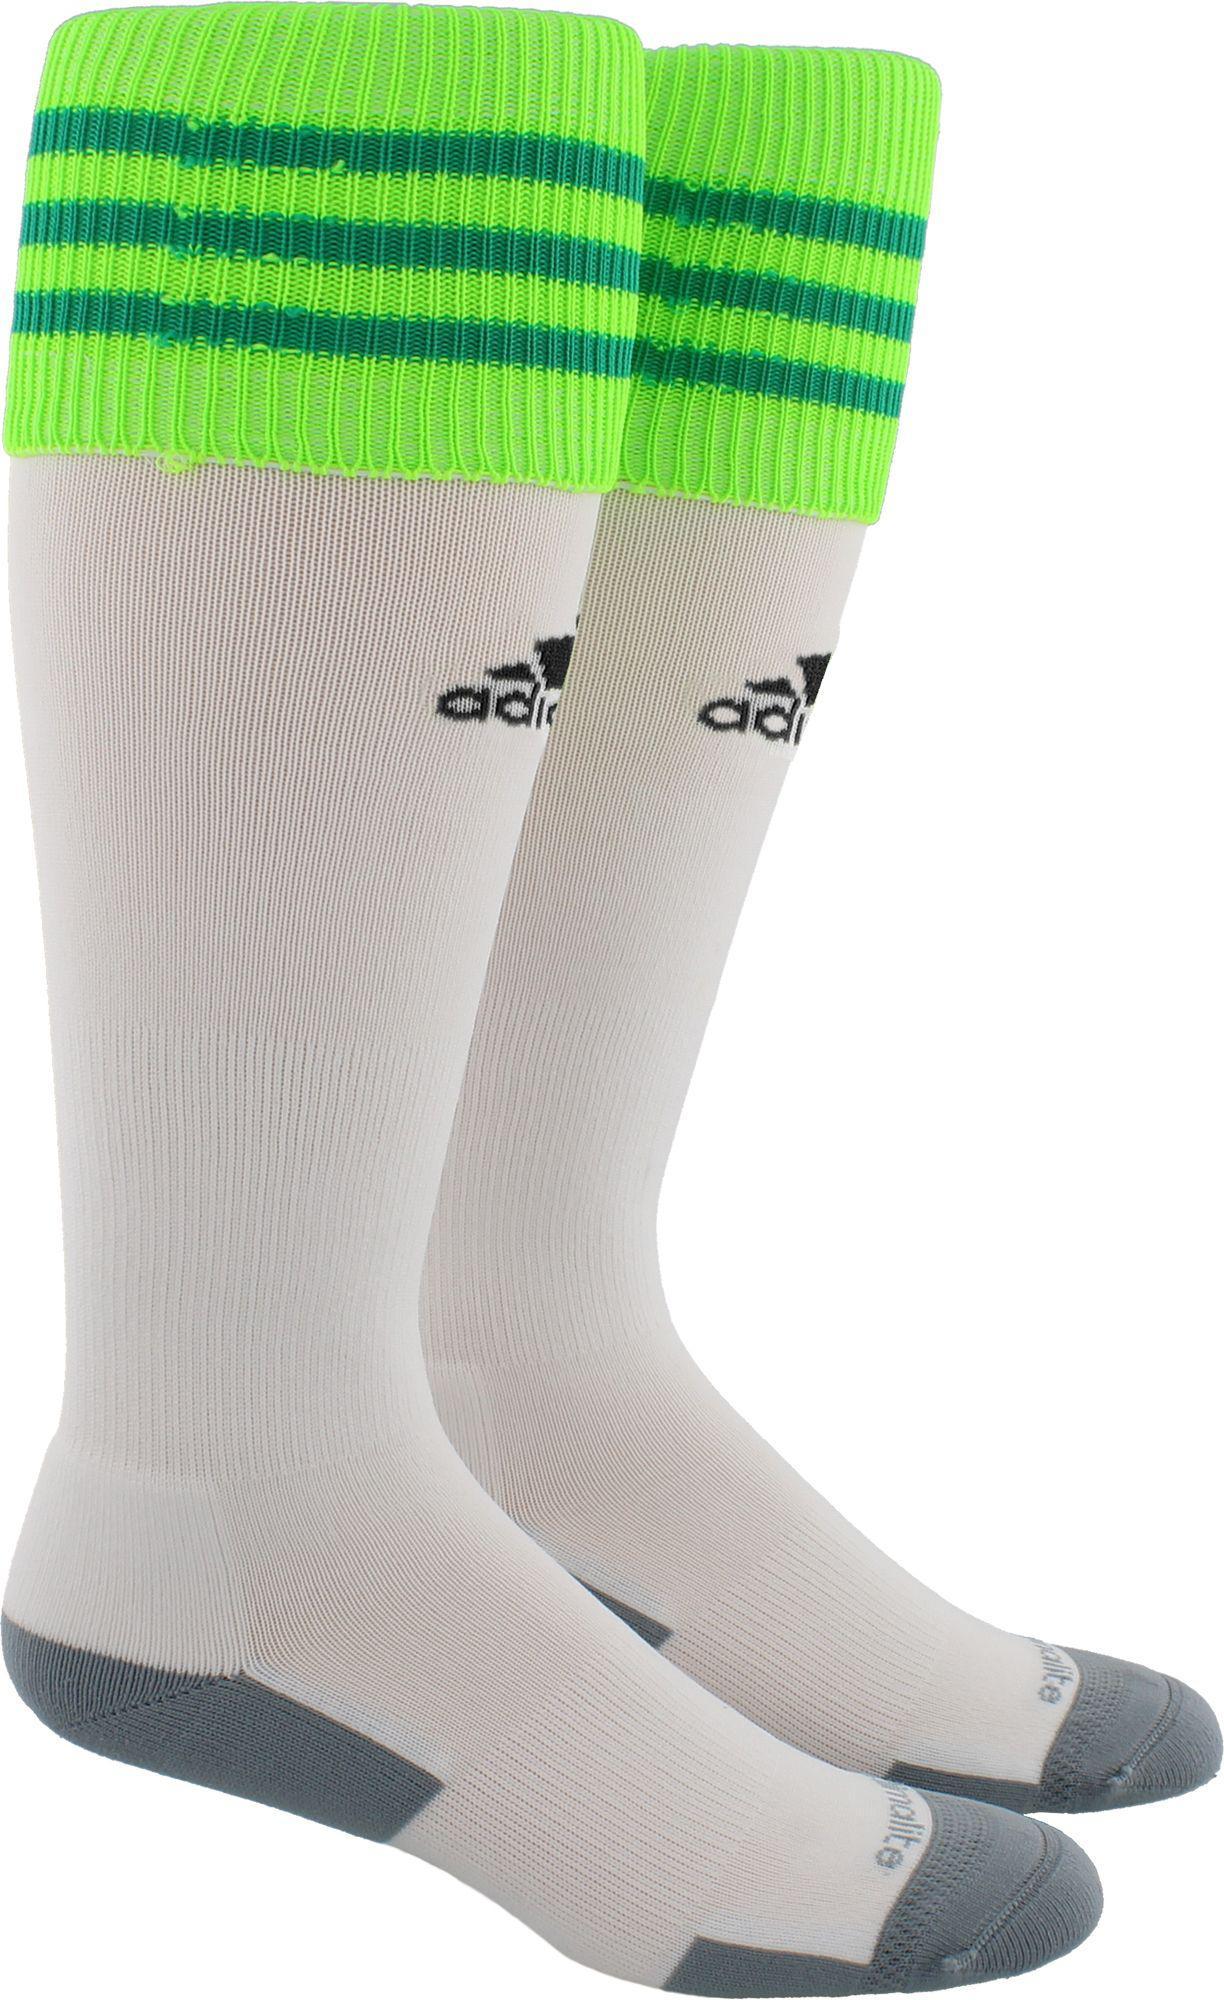 36ffd33b6 adidas Copa Zone Cushion Ii Soccer Socks in White for Men - Lyst